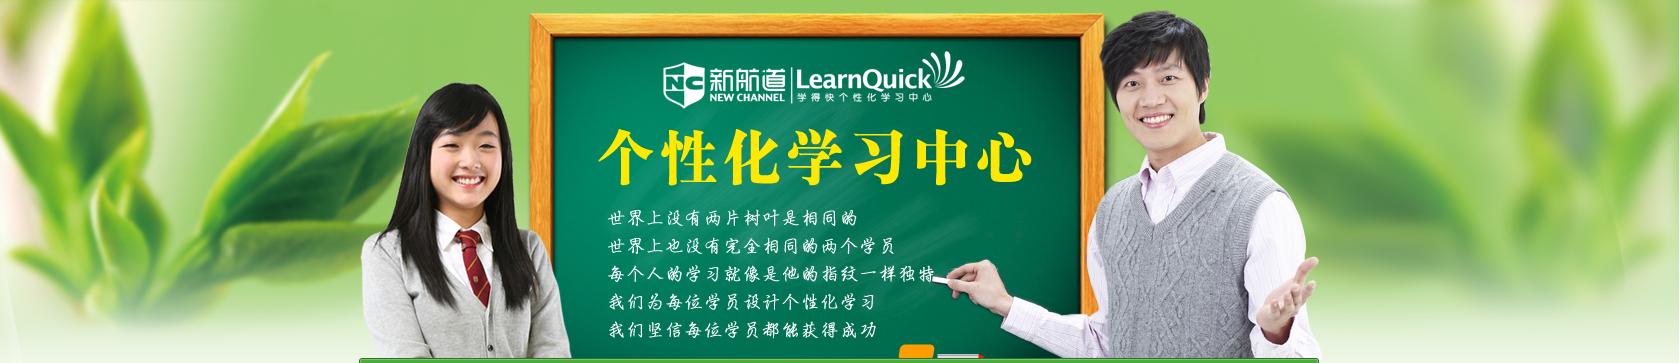 武汉留学武昌中心新航道英语培训